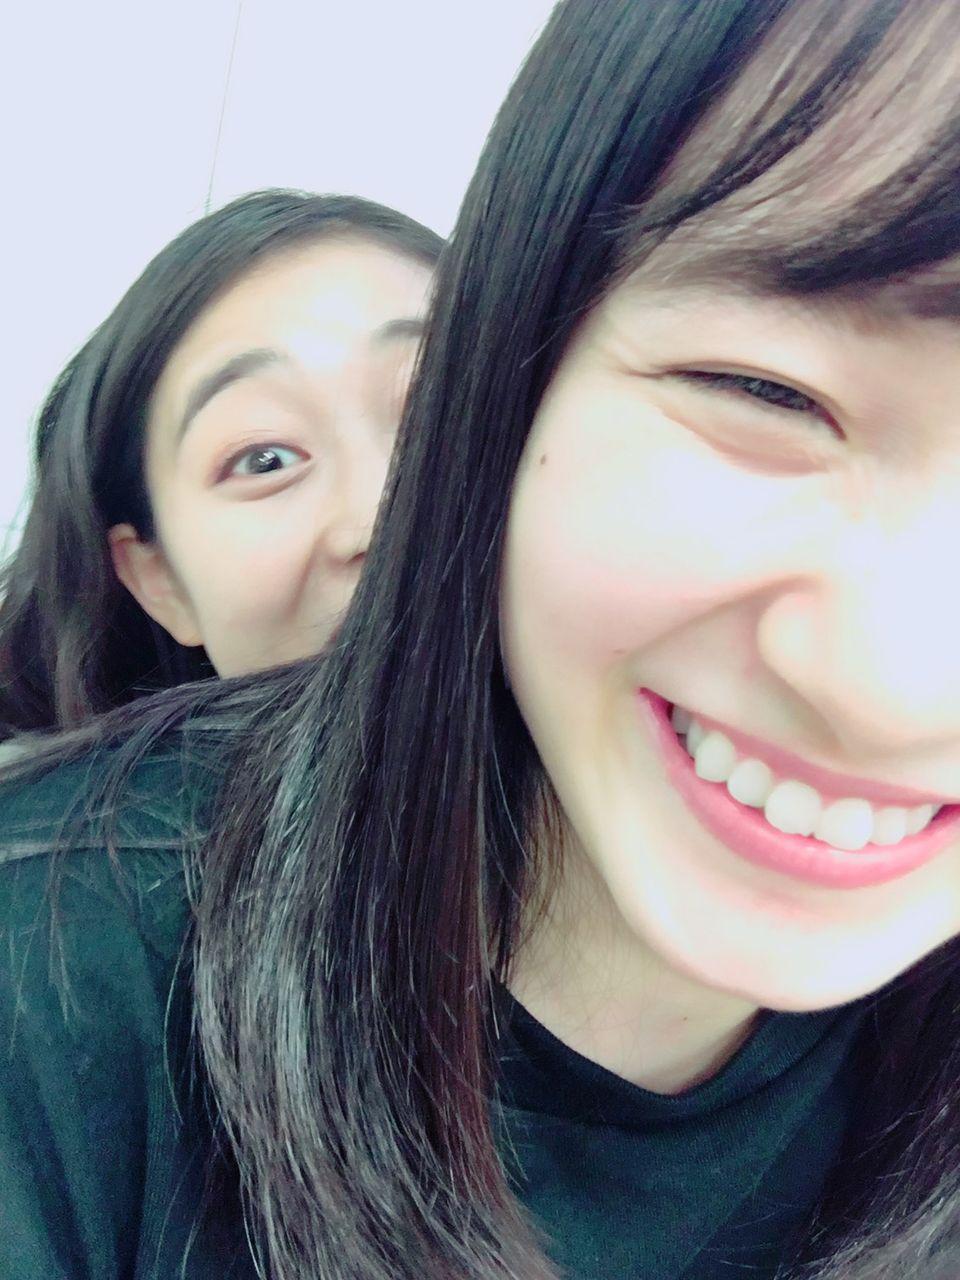 【エンタメ画像】森戸知沙希ちゃんが移籍初日で娘♪の楽屋から逃走